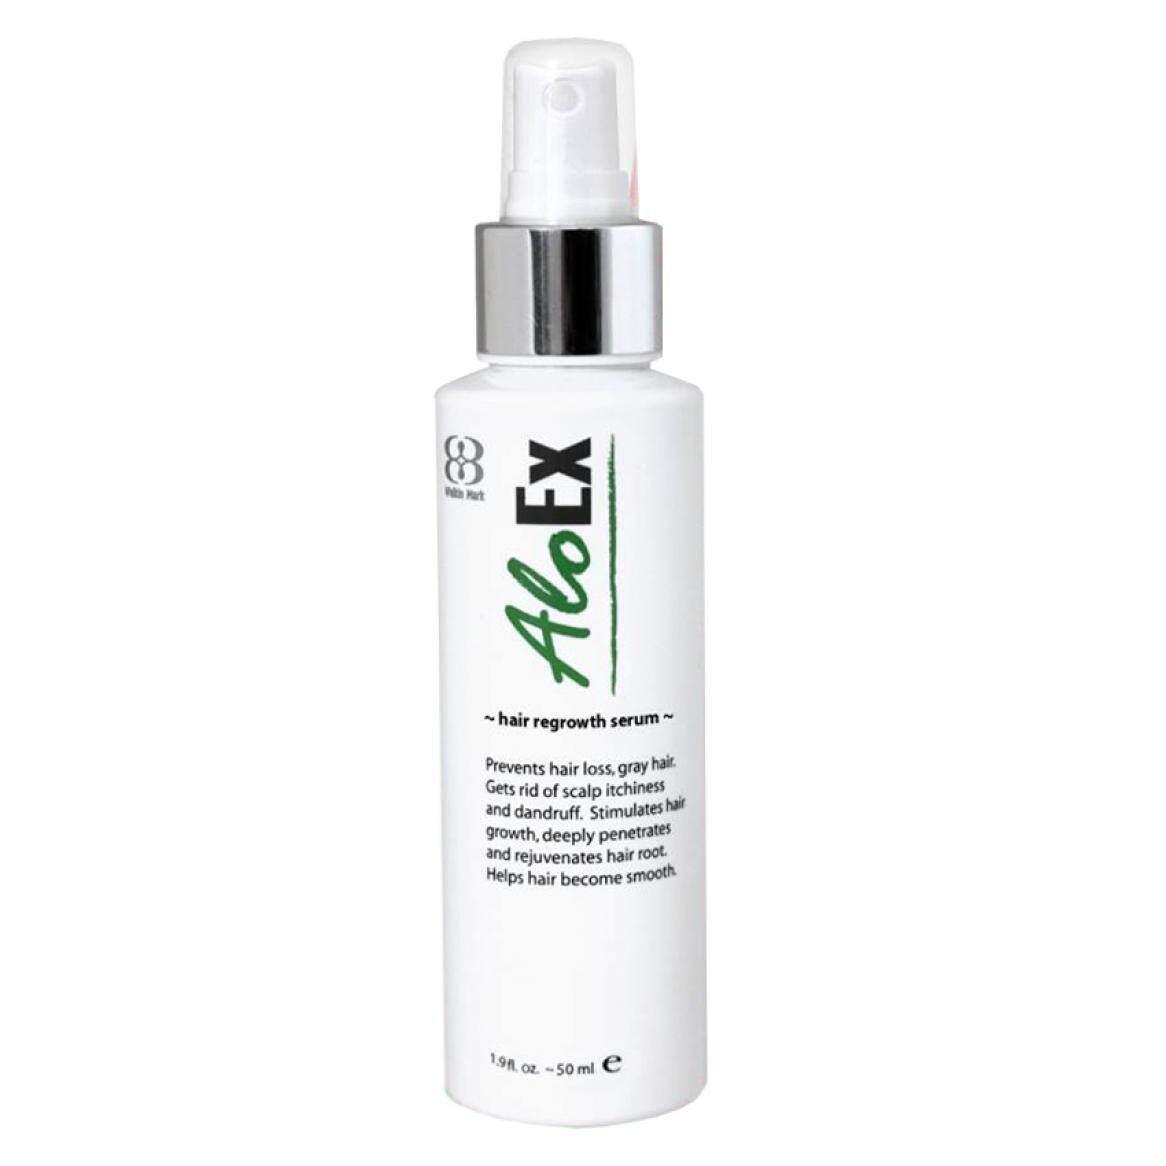 ซื้อ Aloex Hair Regrowth Serum 50 Ml เซรั่มสำหรับคนผมบางและผมร่วง Aloex